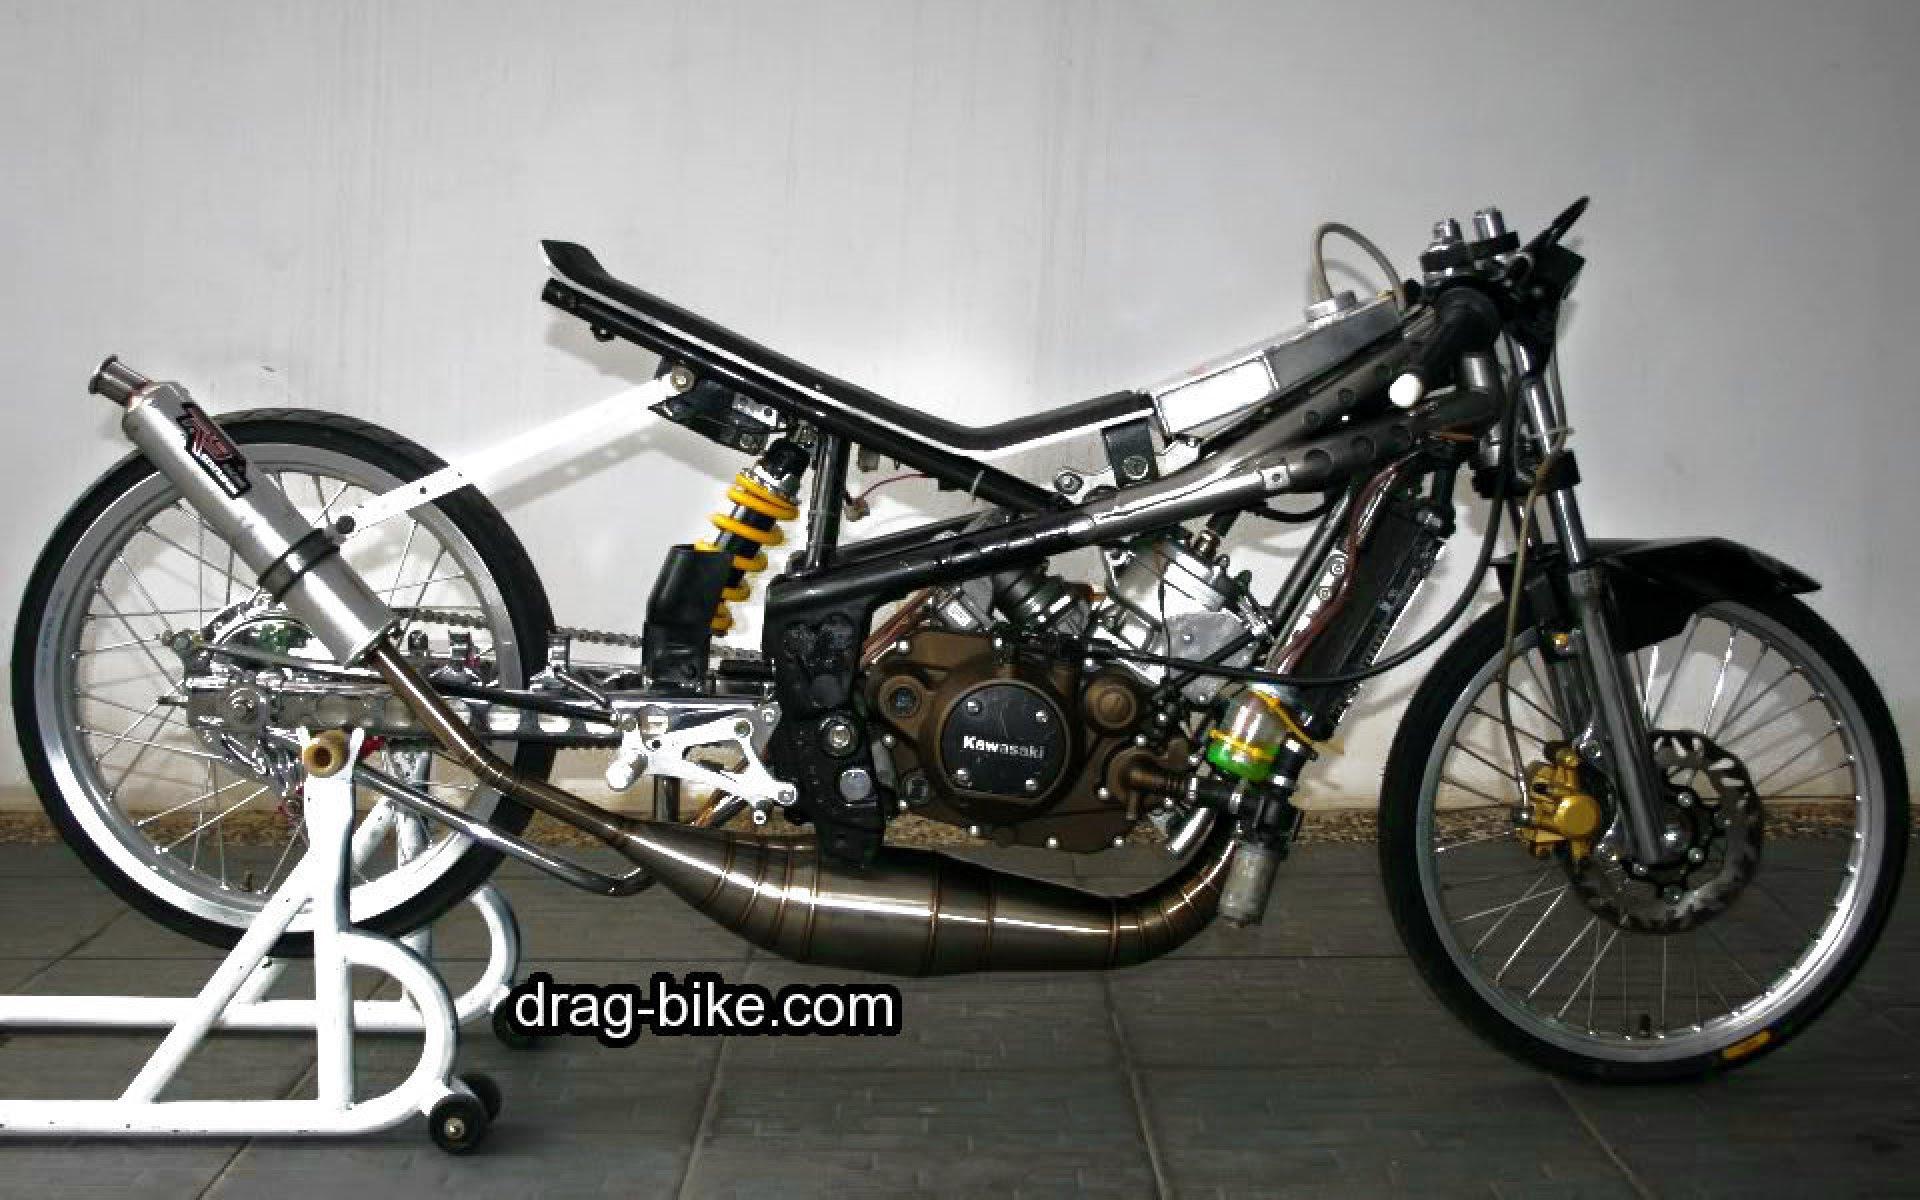 Foto Modifikasi Motor Drag Ninja Terkeren Dan Terbaru